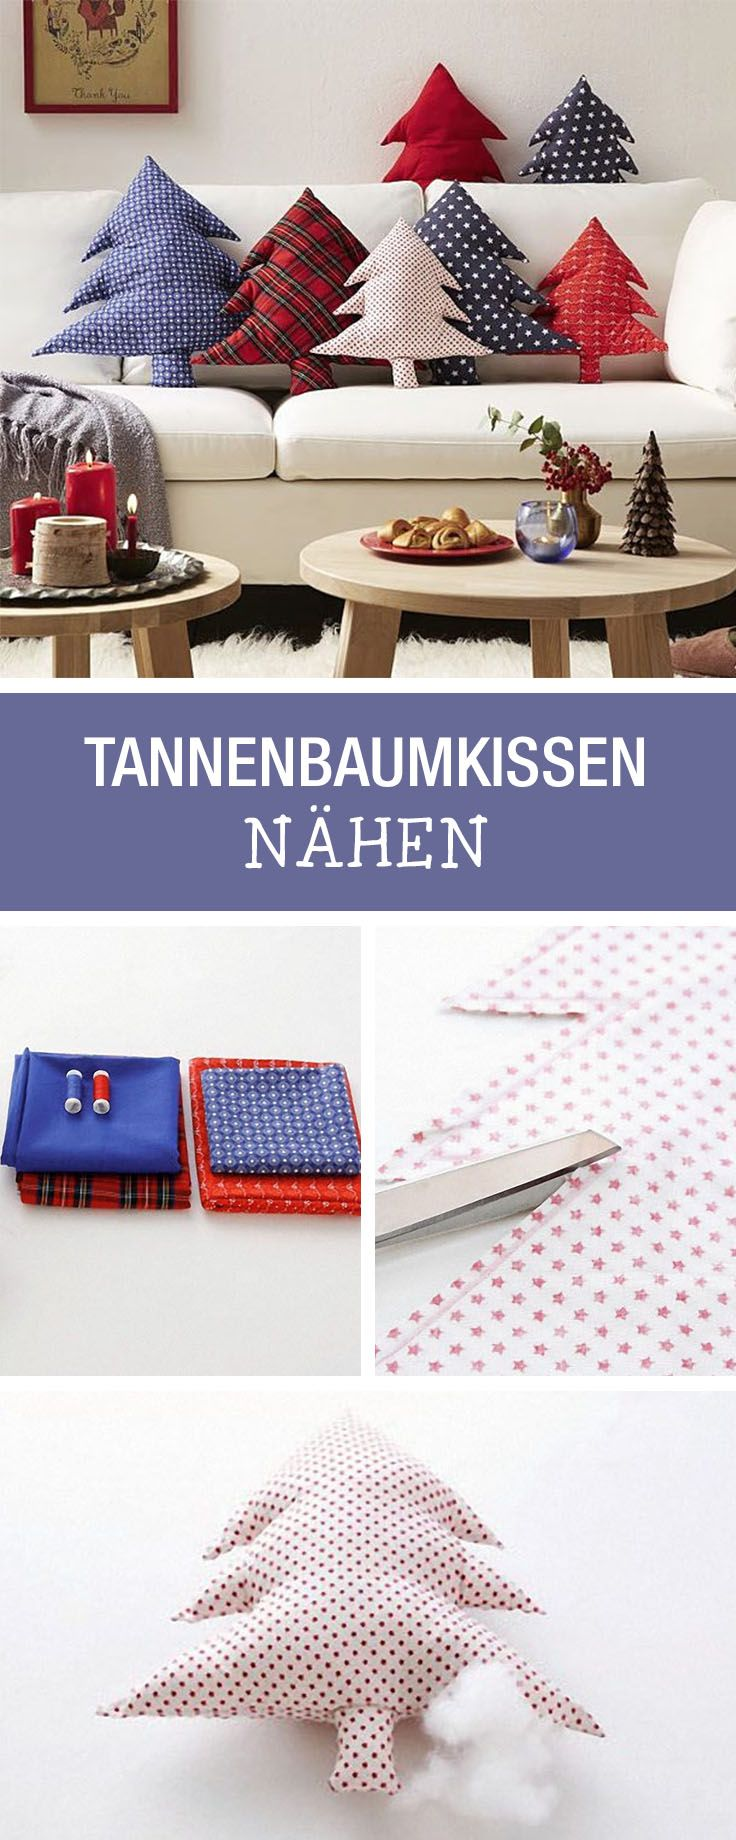 DIY-Anleitung: Tannenbaumkissen nähen via DaWanda.com | Tannenbaum ...